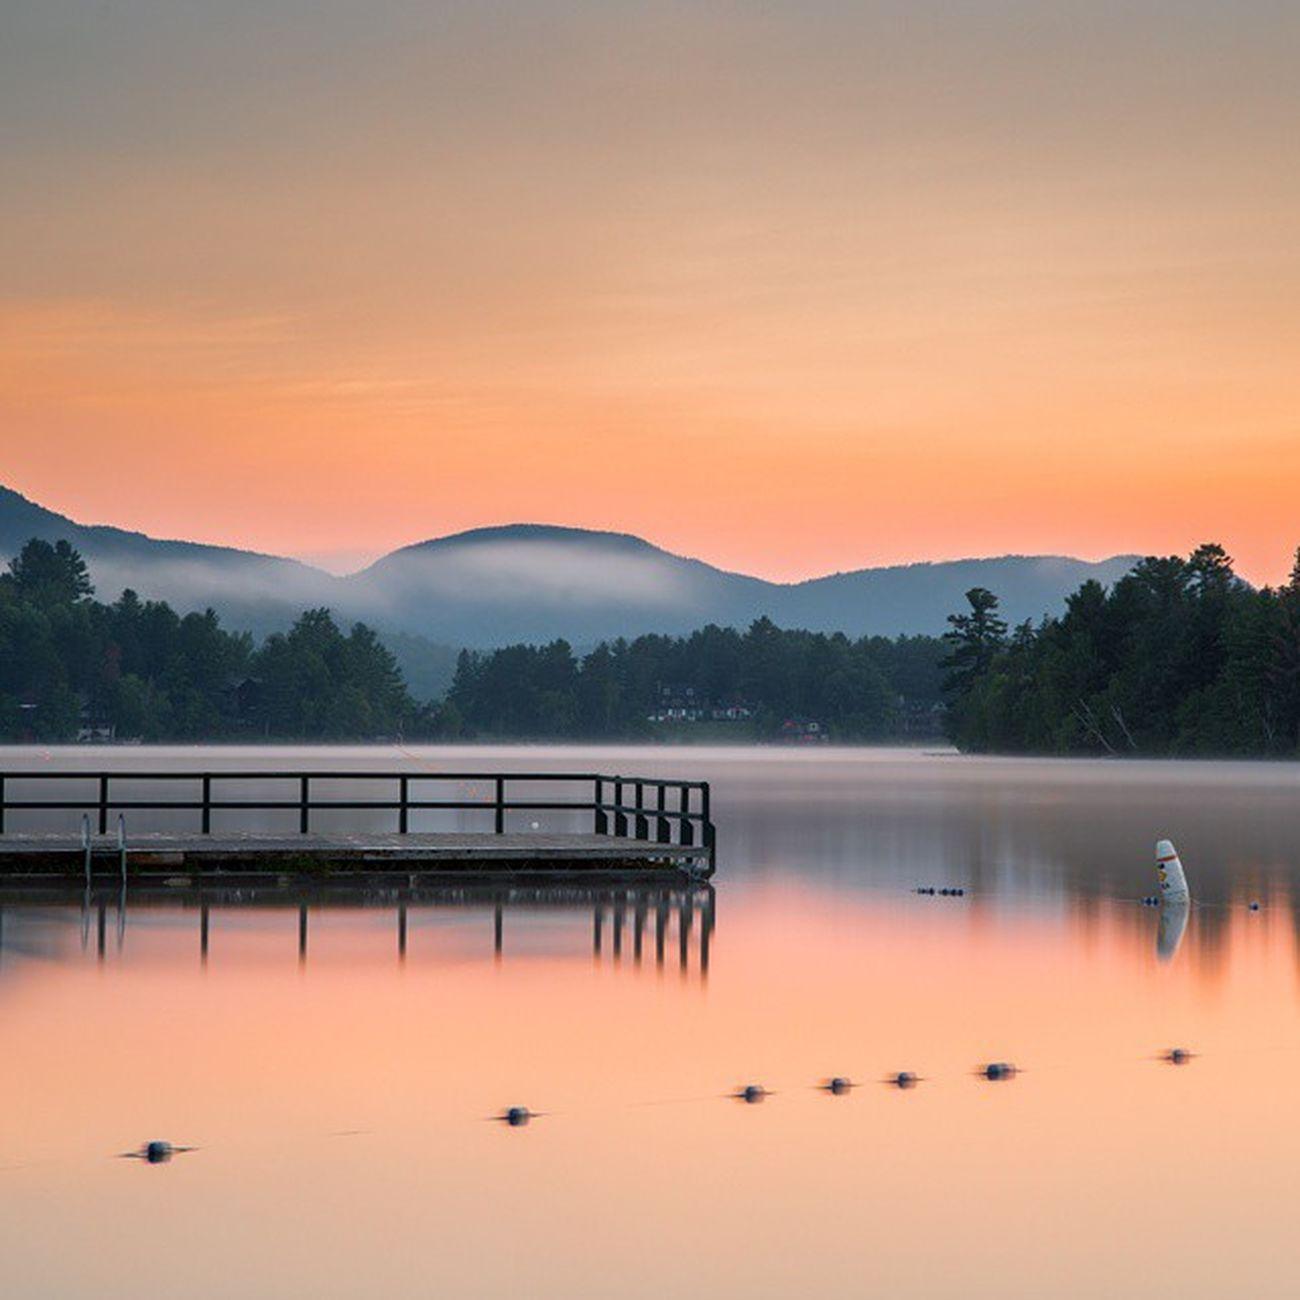 Monday Morning Sunrise on Mirror Lake Lakeplacid Landscape Sunrise ADK Photooftheday POTD Longexposure